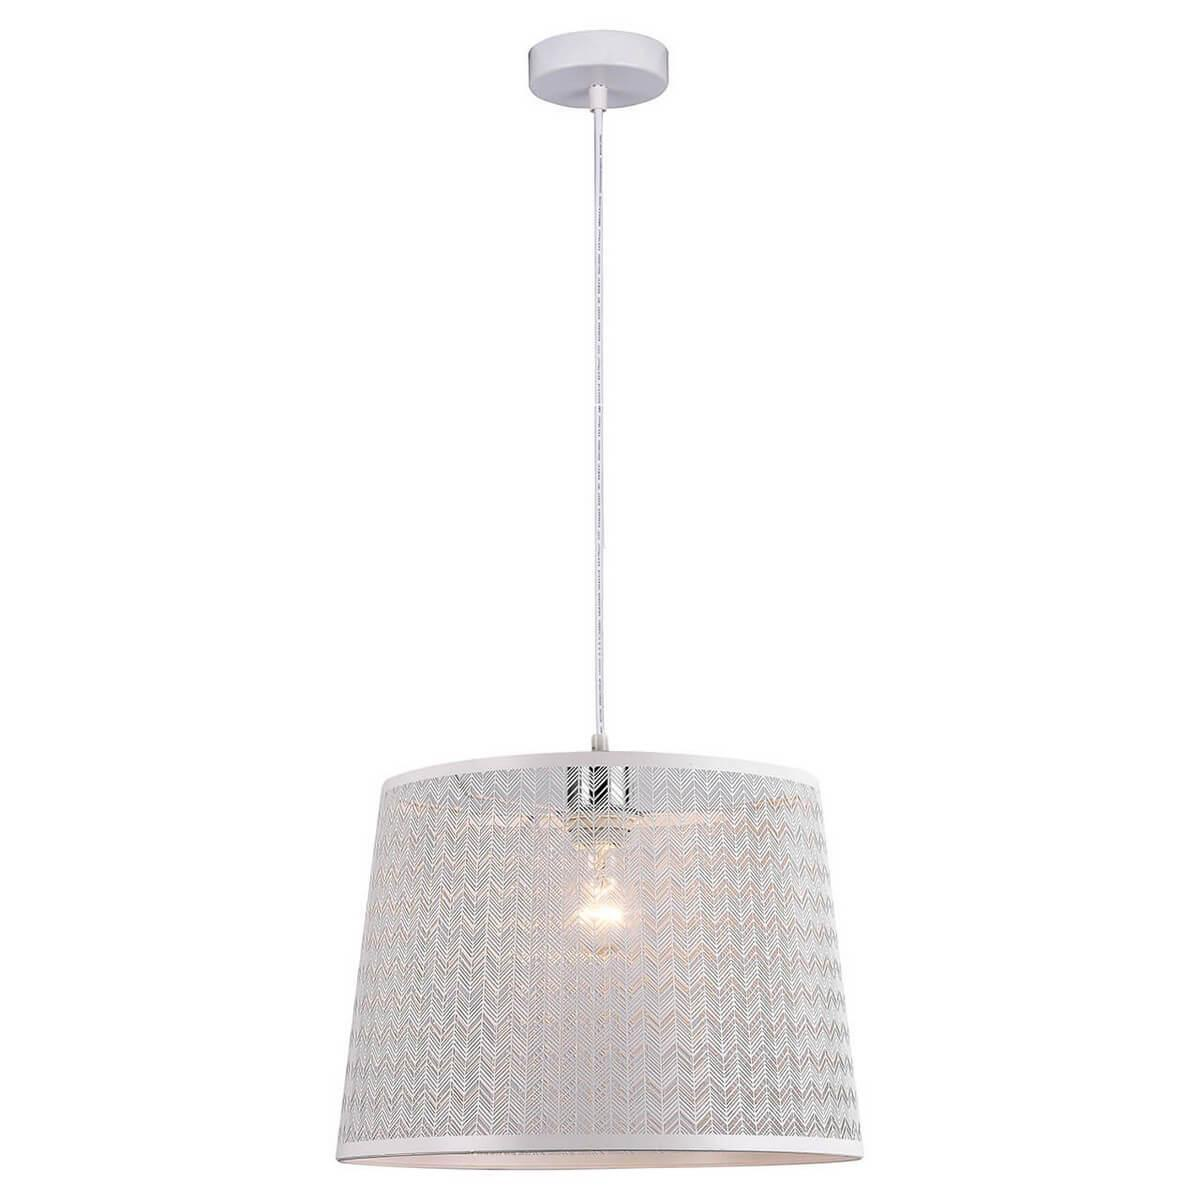 Подвесной светильник Lussole GRLSP-9961, E27, 11 Вт подвесной светильник lussole grlsp 9678 коричневый